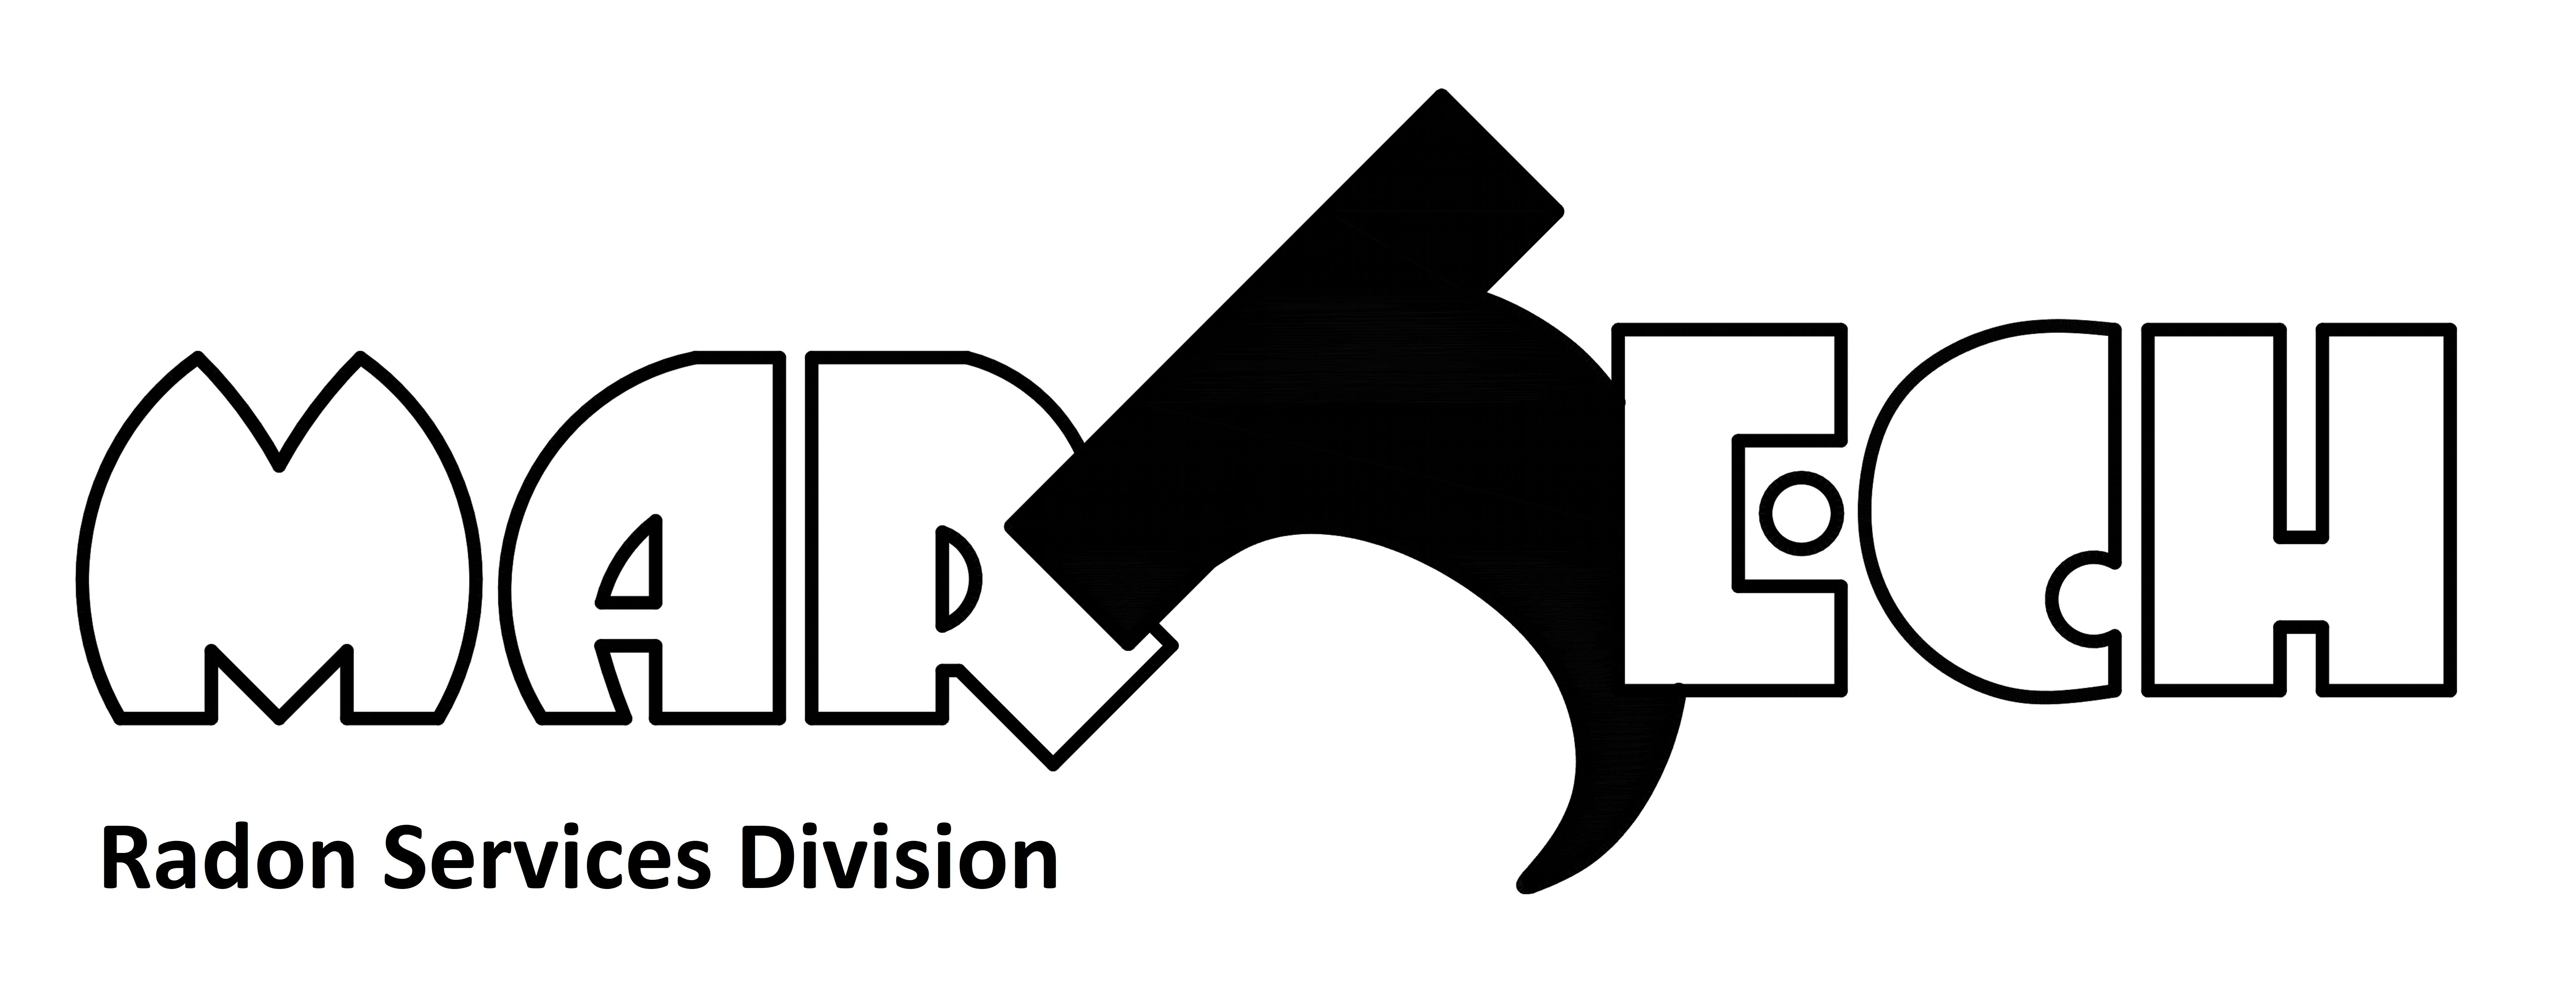 Martech Radon Services Division